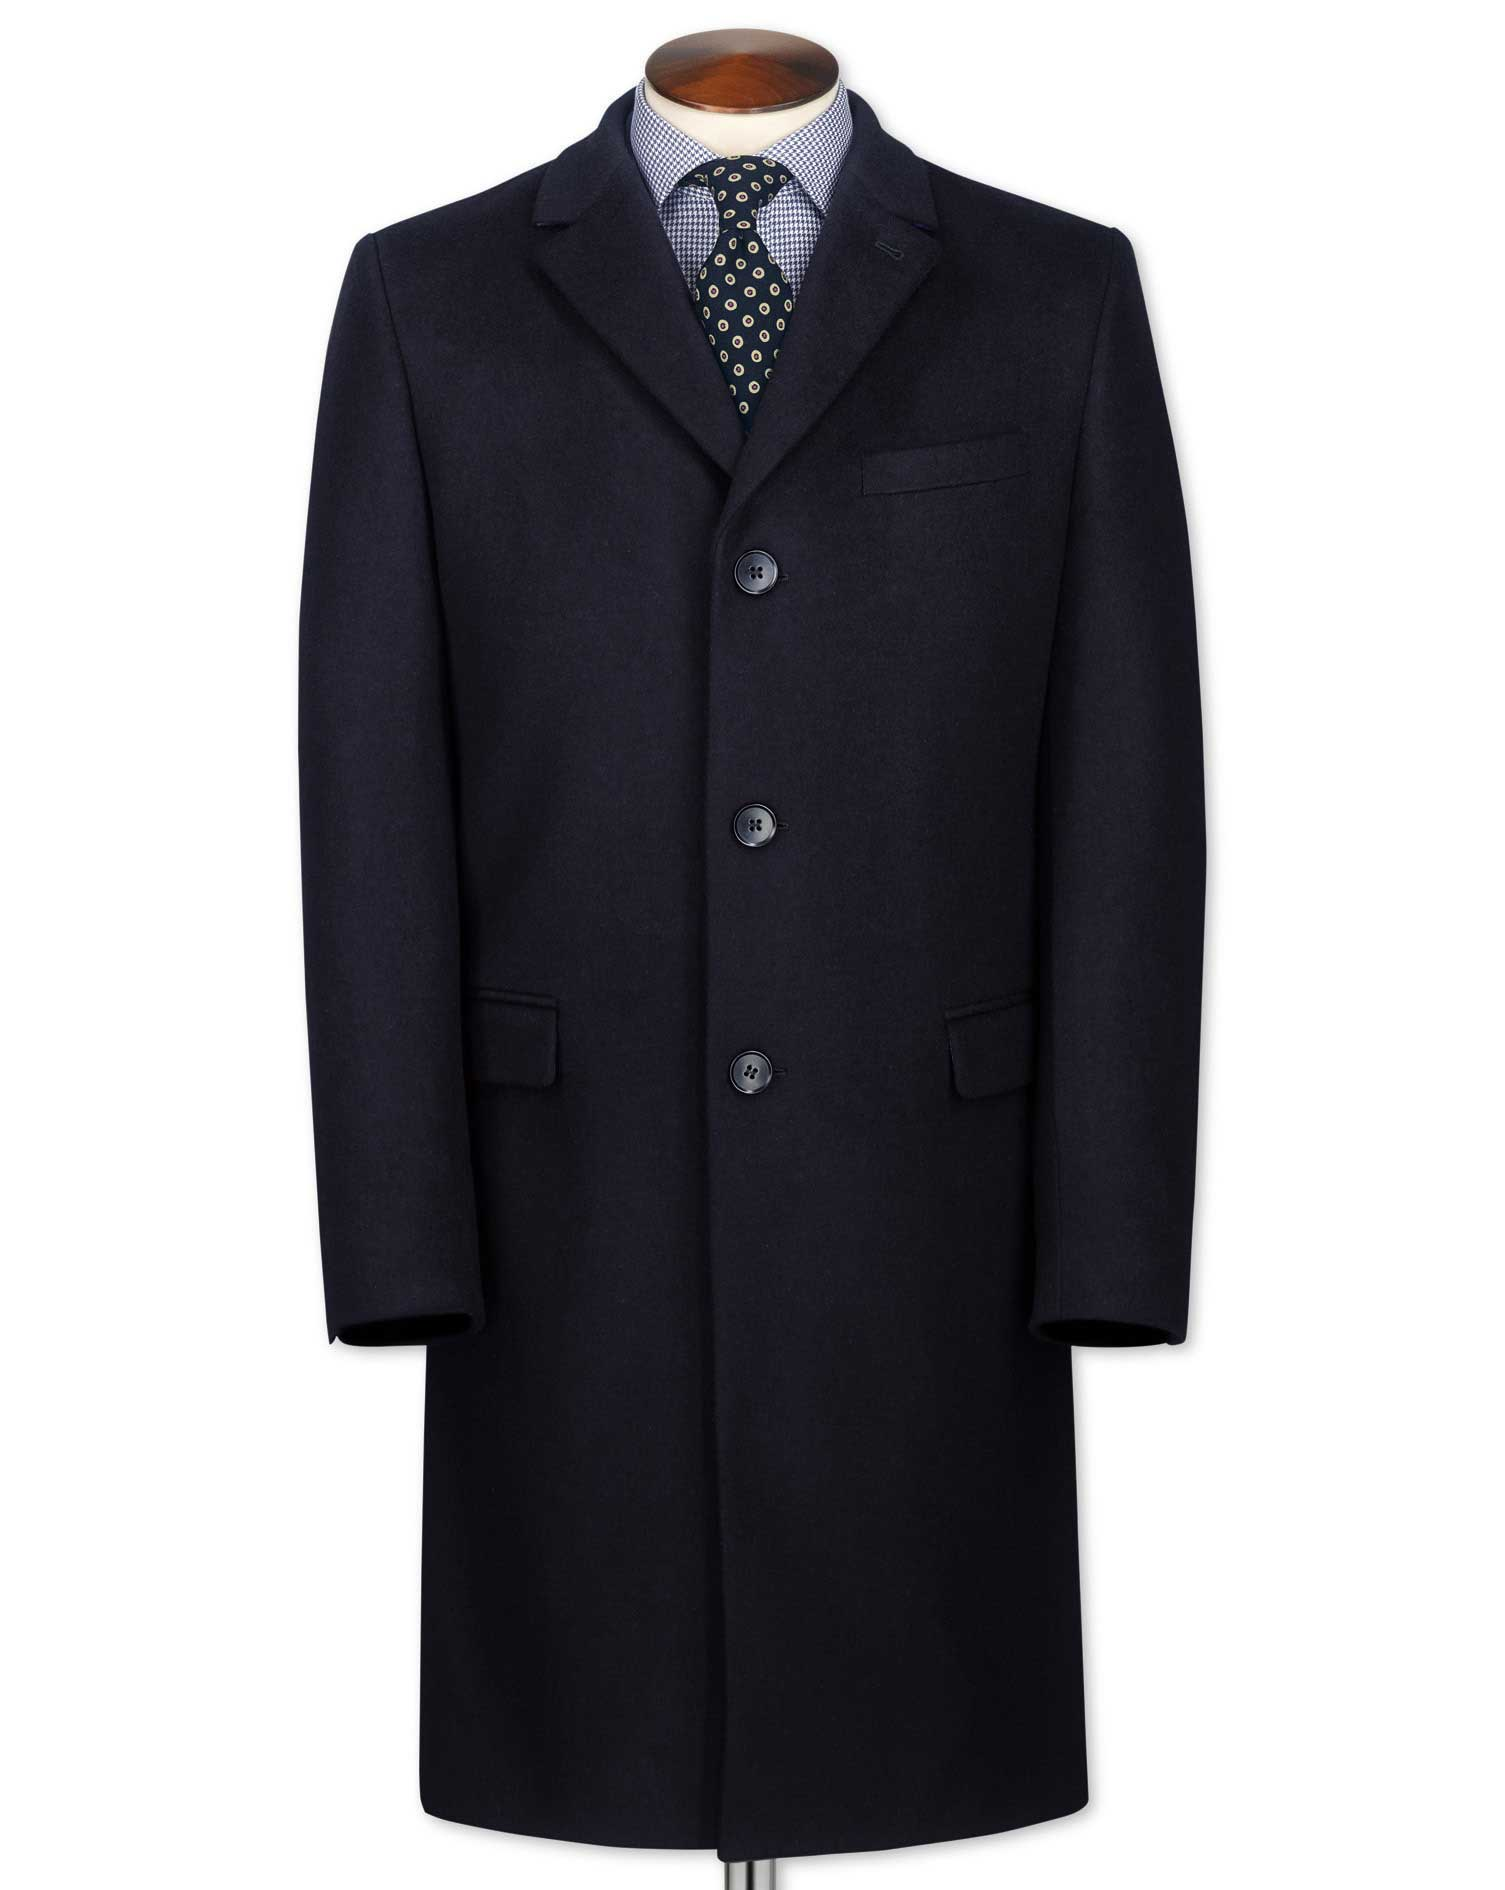 Overcoat sizing